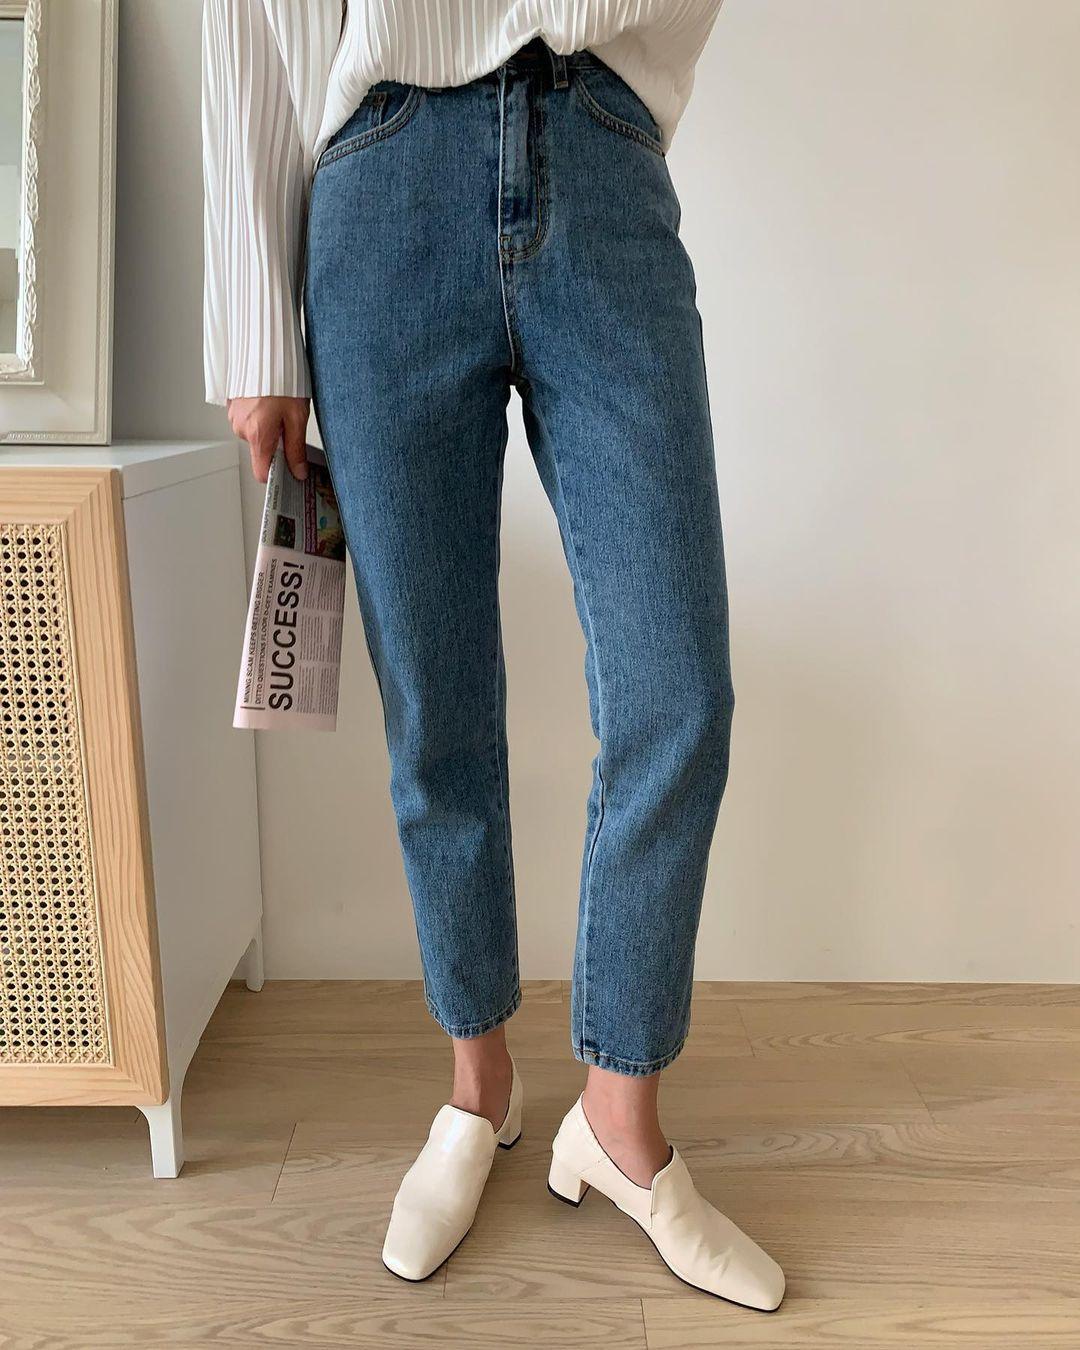 5 mẫu giày tôn dáng siêu cao thủ, chị em nhất định phải sắm cho Tết để mặc gì cũng đẹp từng centimet - Ảnh 3.